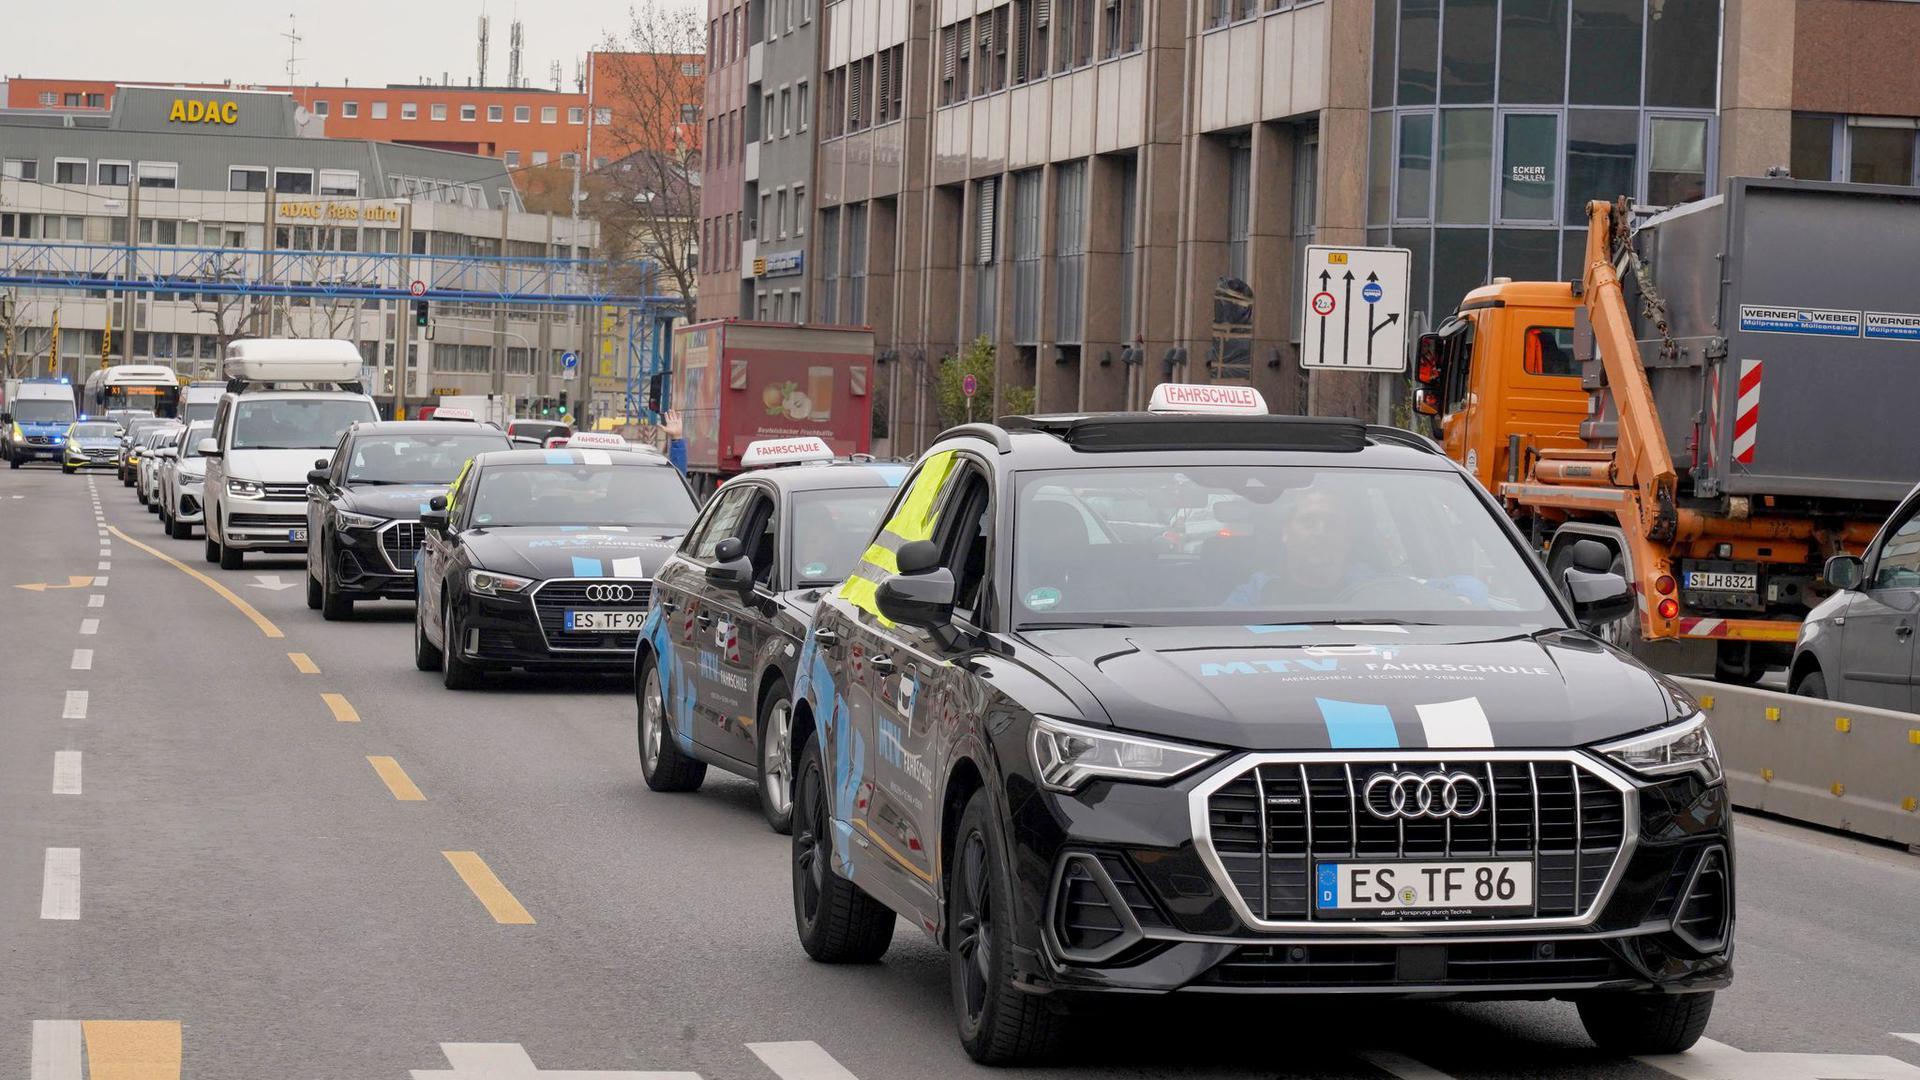 Inhaber und Beschäftigte von Fahrschulen demonstrieren in Stuttgart mit einem Autokorso.